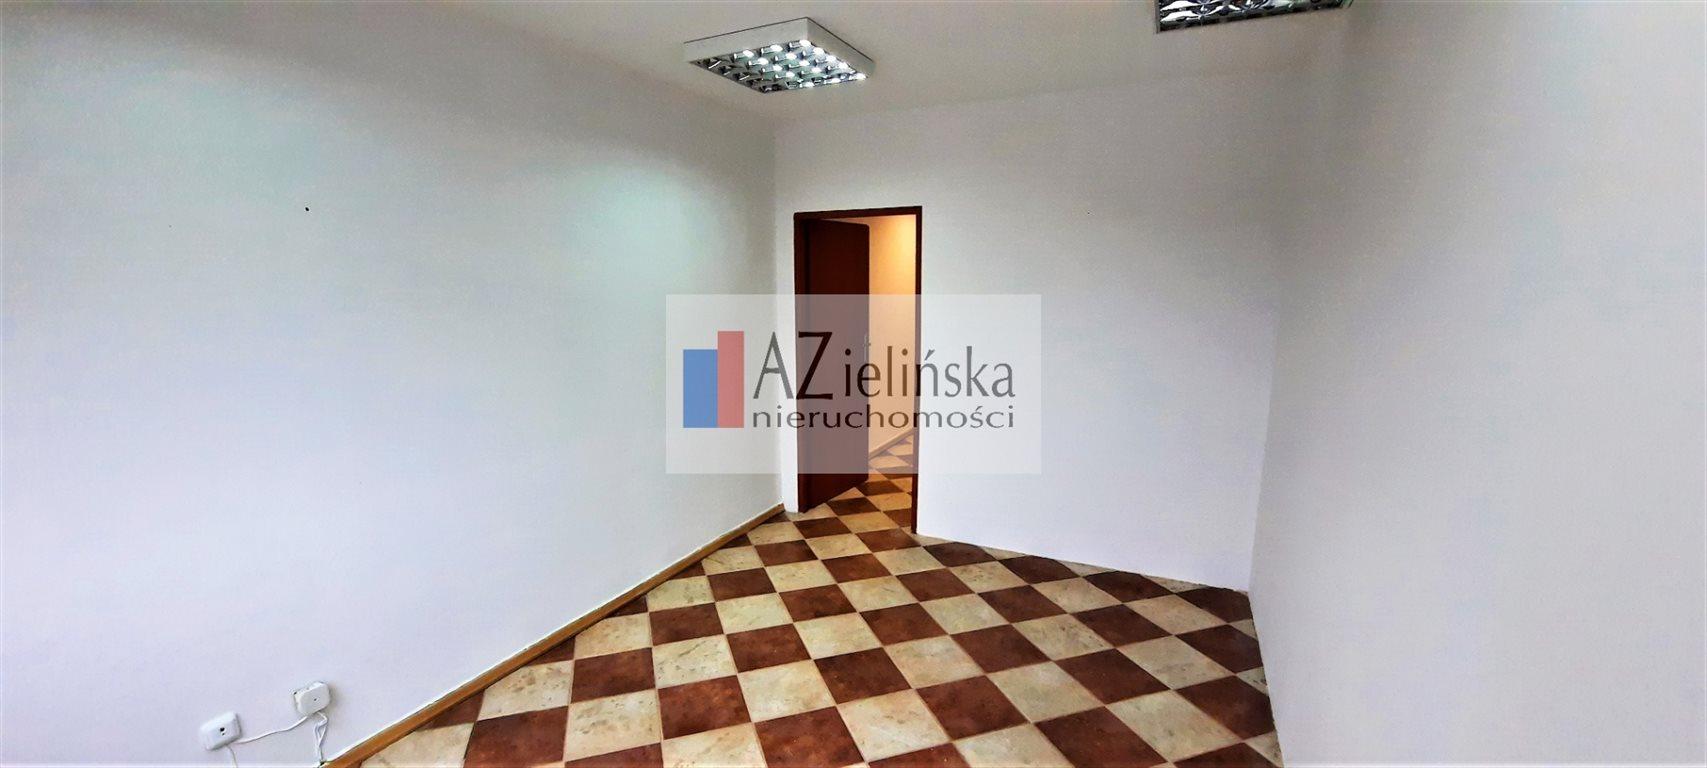 Mieszkanie dwupokojowe na wynajem Suchy Las, Obornicka  58m2 Foto 4